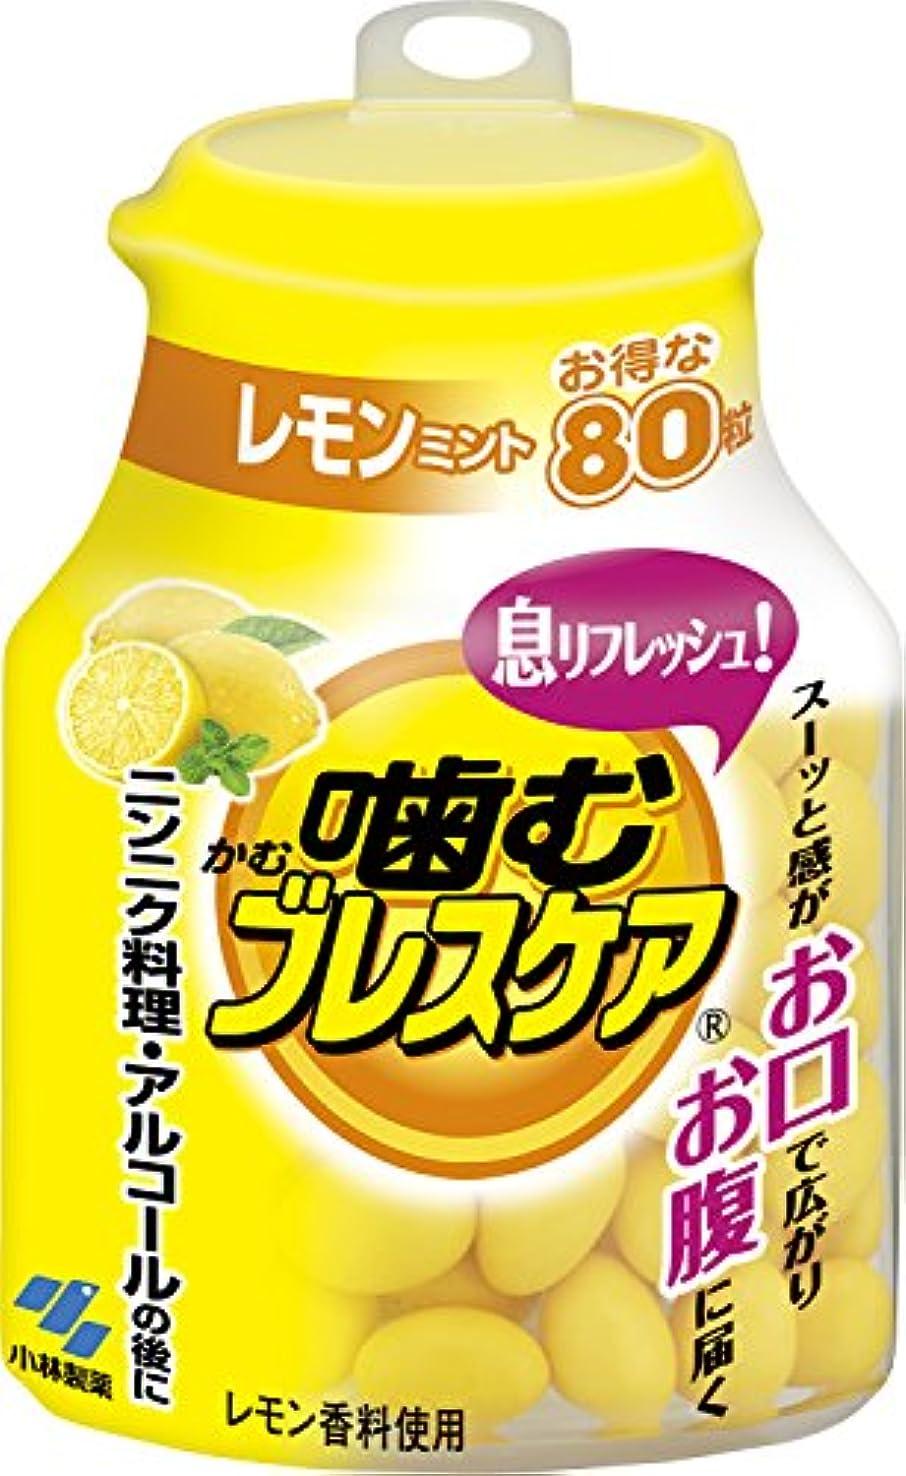 承認説教ネコ噛むブレスケア レモンミント 80粒